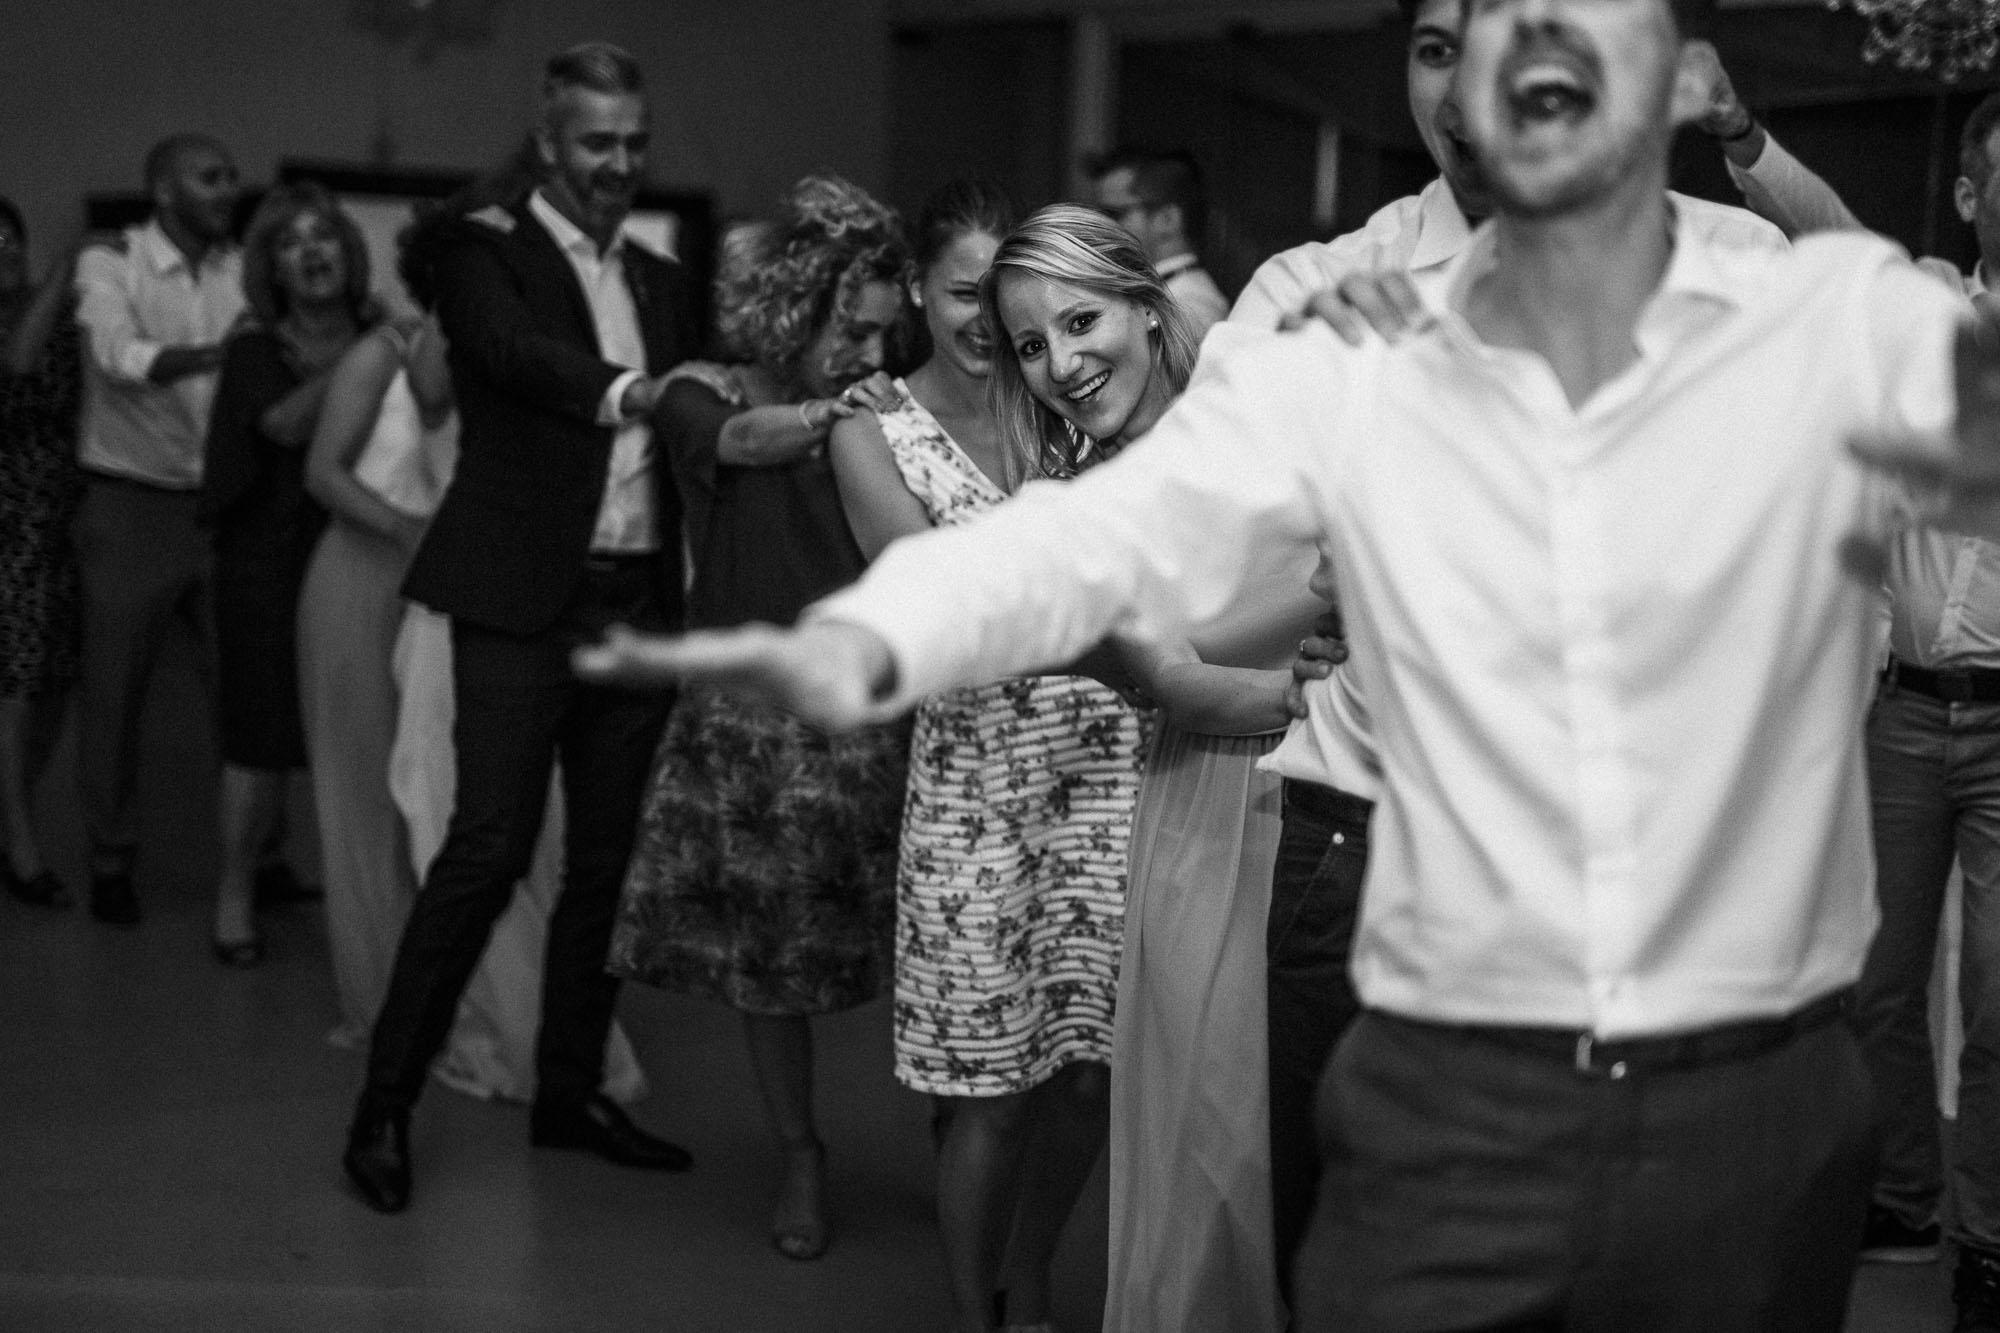 Die Hochzeitsgäste feiern mit einer Polonaise